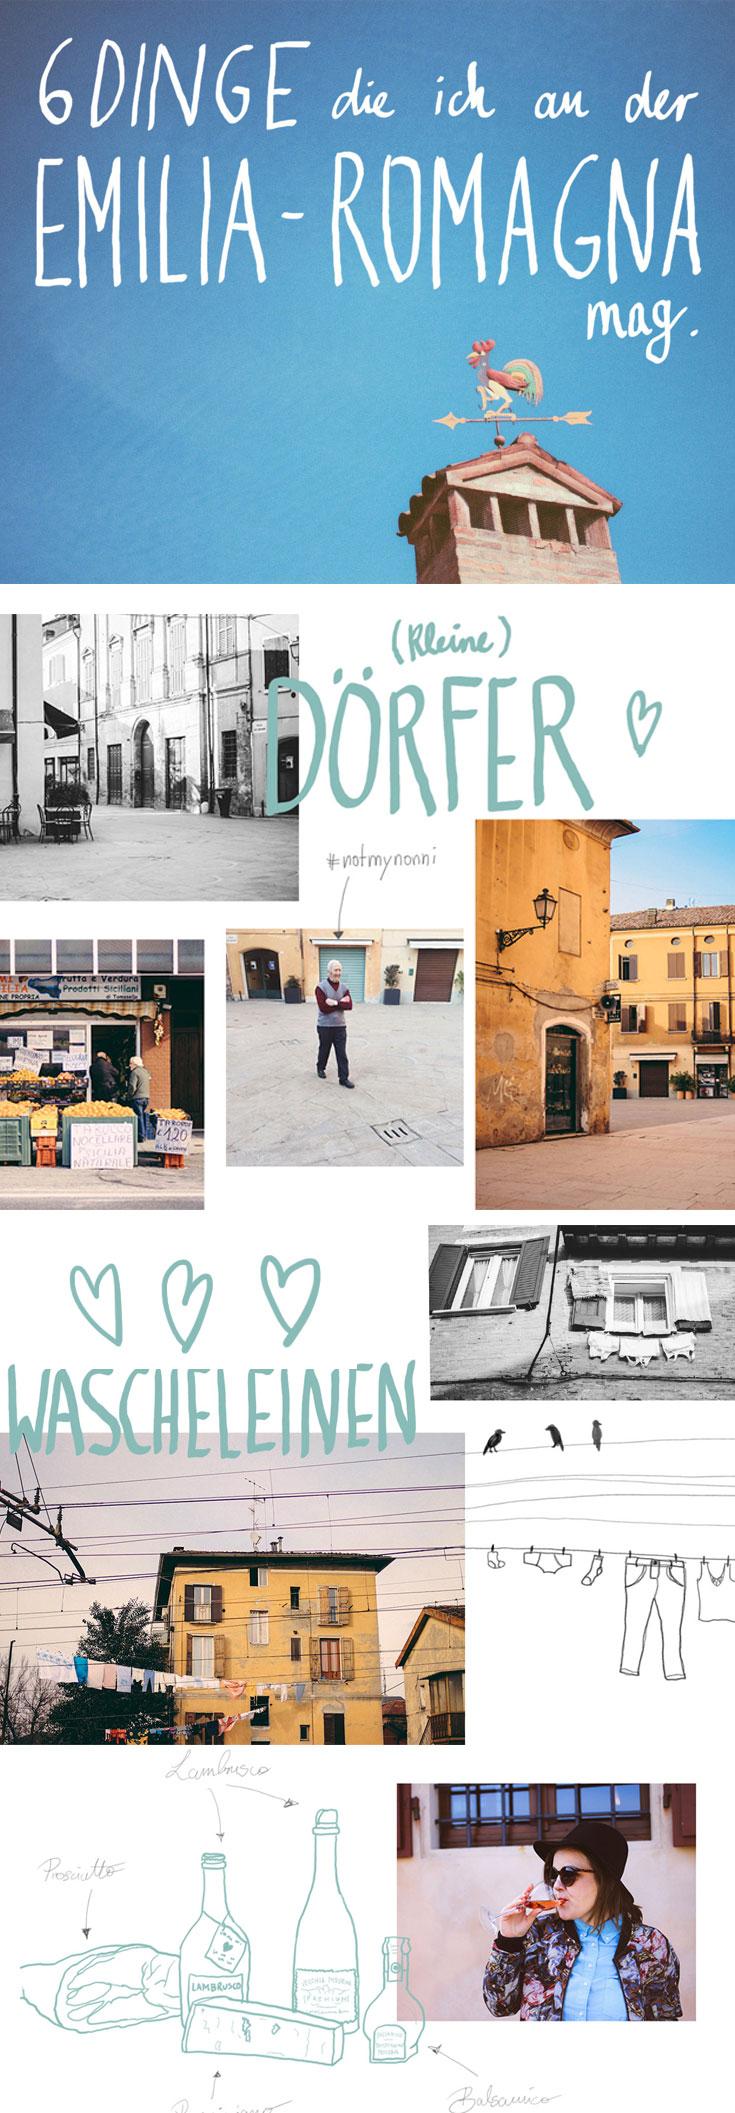 Die Region Emilia-Romagna ist berühmt für Parmiggiano, Prosciutto, Lambrusco - aber auch für schnelle Autos und hübsche kleine Dörfer.